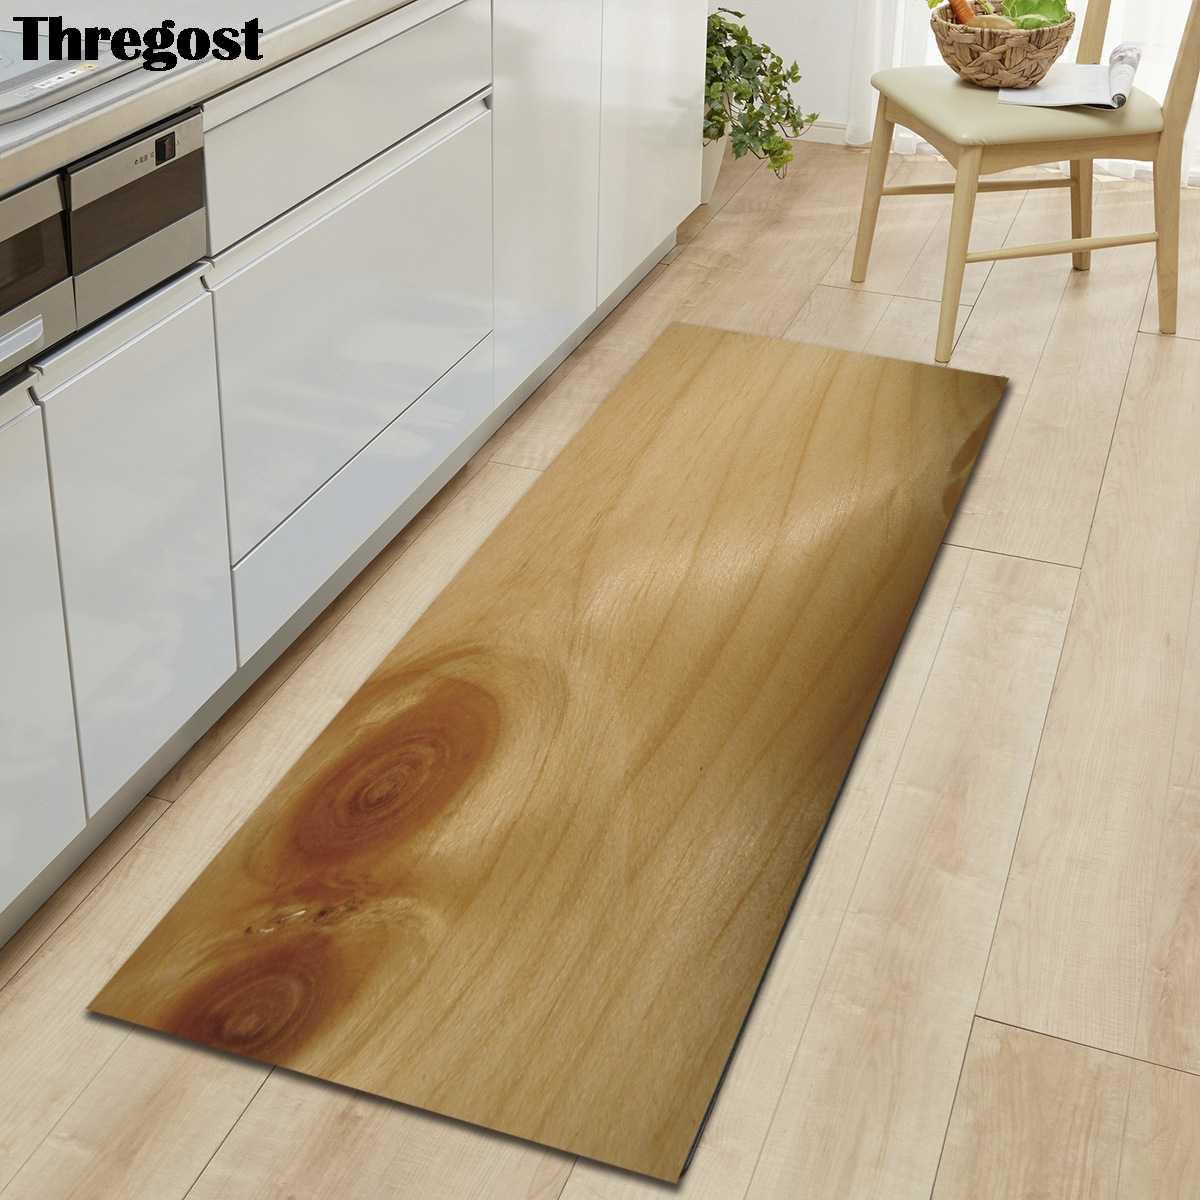 Printed Floor Mats Microfiber Carpet